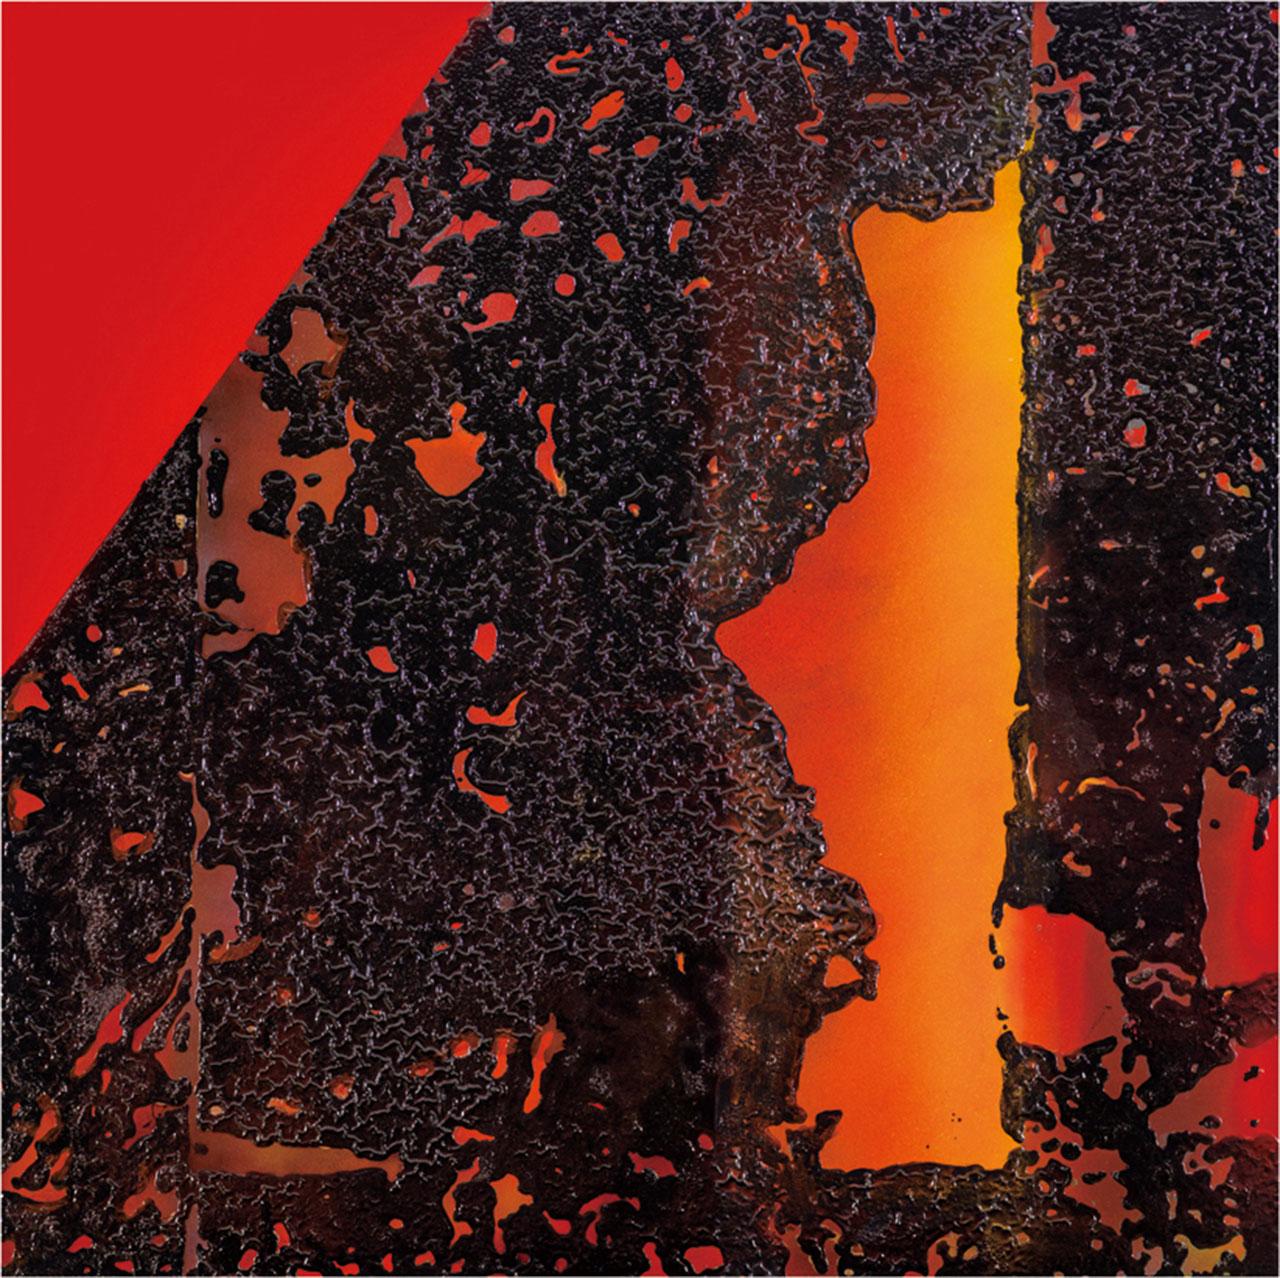 李錫奇 漢采本位9 漆畫複合媒材 120x120cm